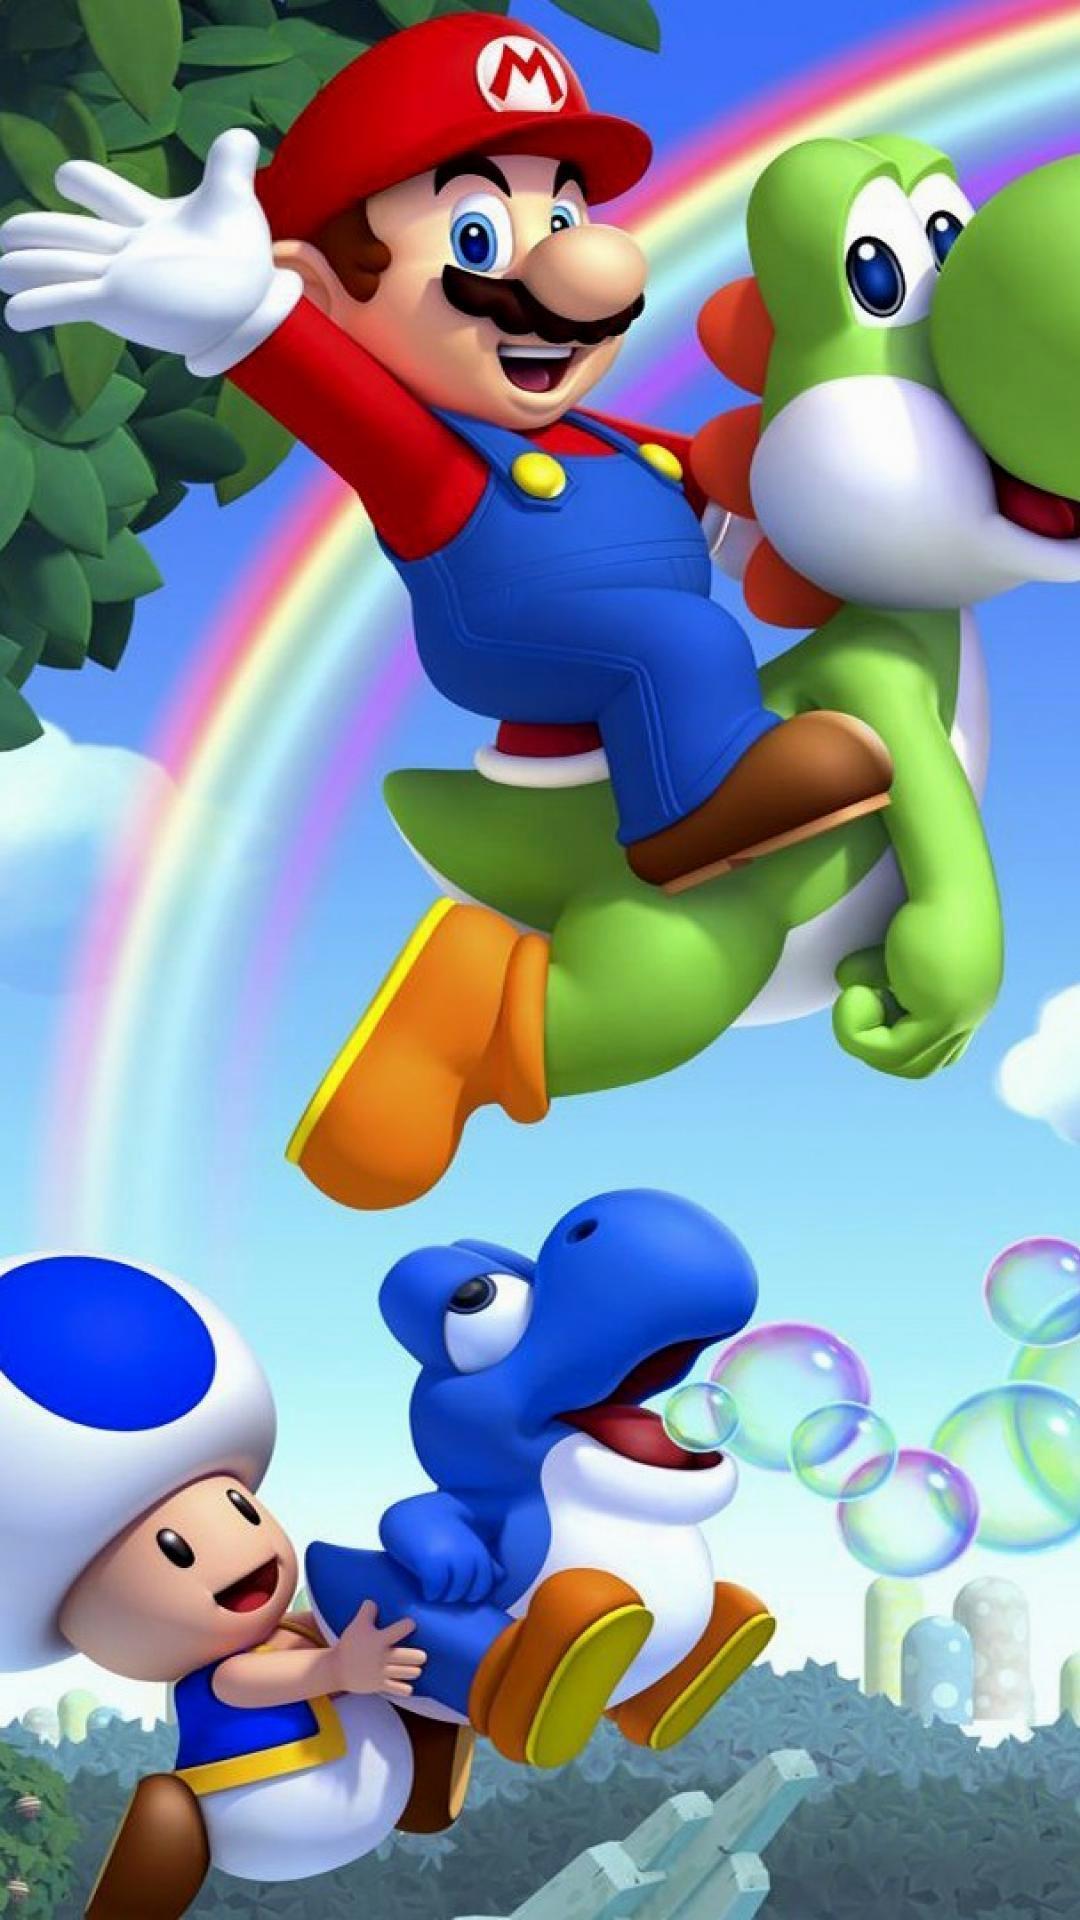 Sonic Wallpaper Hd 3d 50 Imagens Para Papel De Parede 3d Android Wallpaper